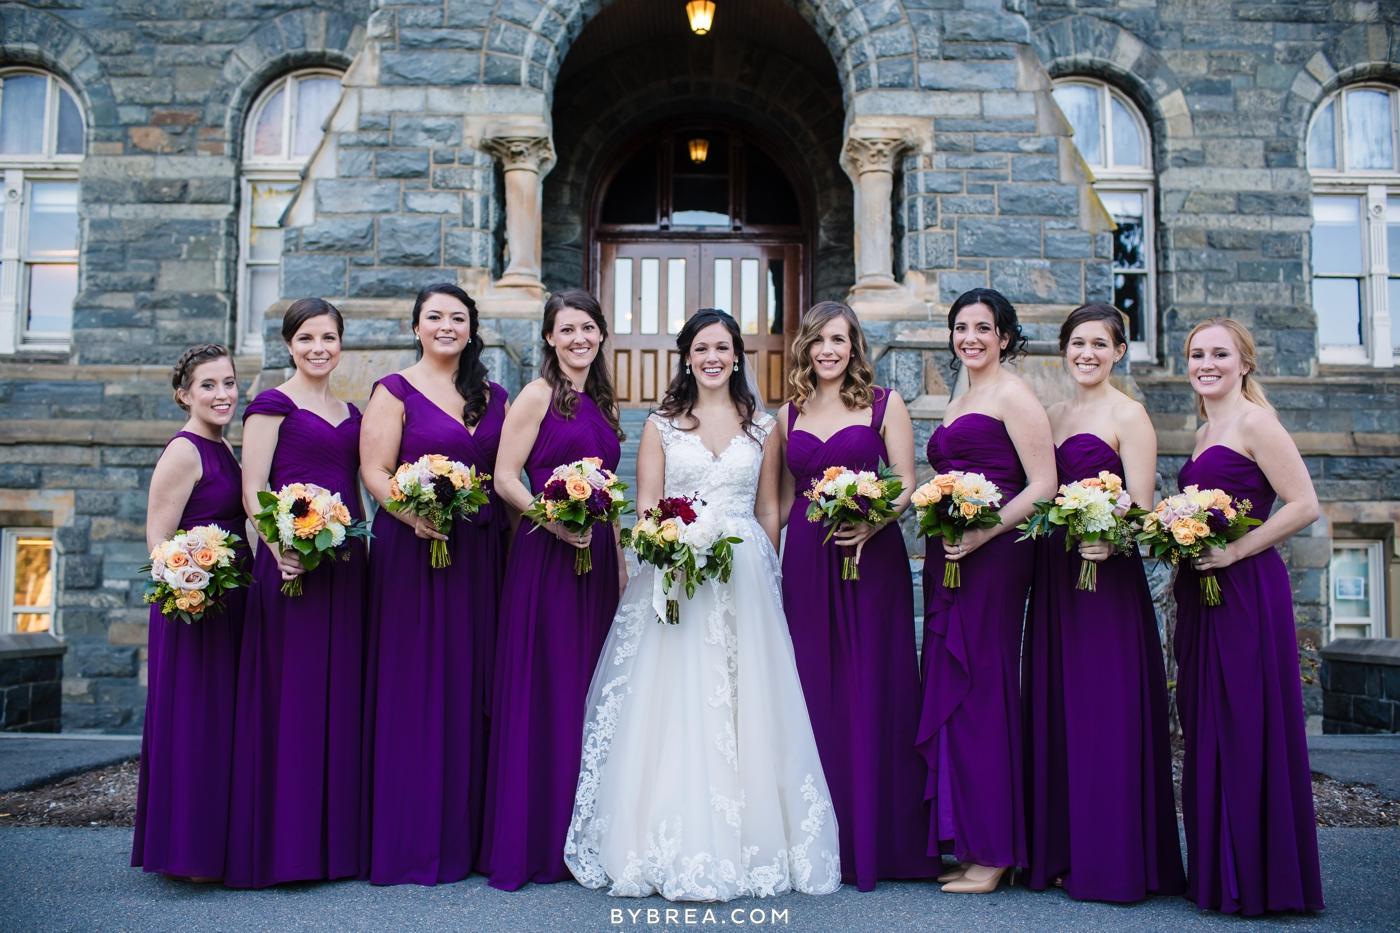 Georgetown Dahlgren Chapel bride and bridesmaids